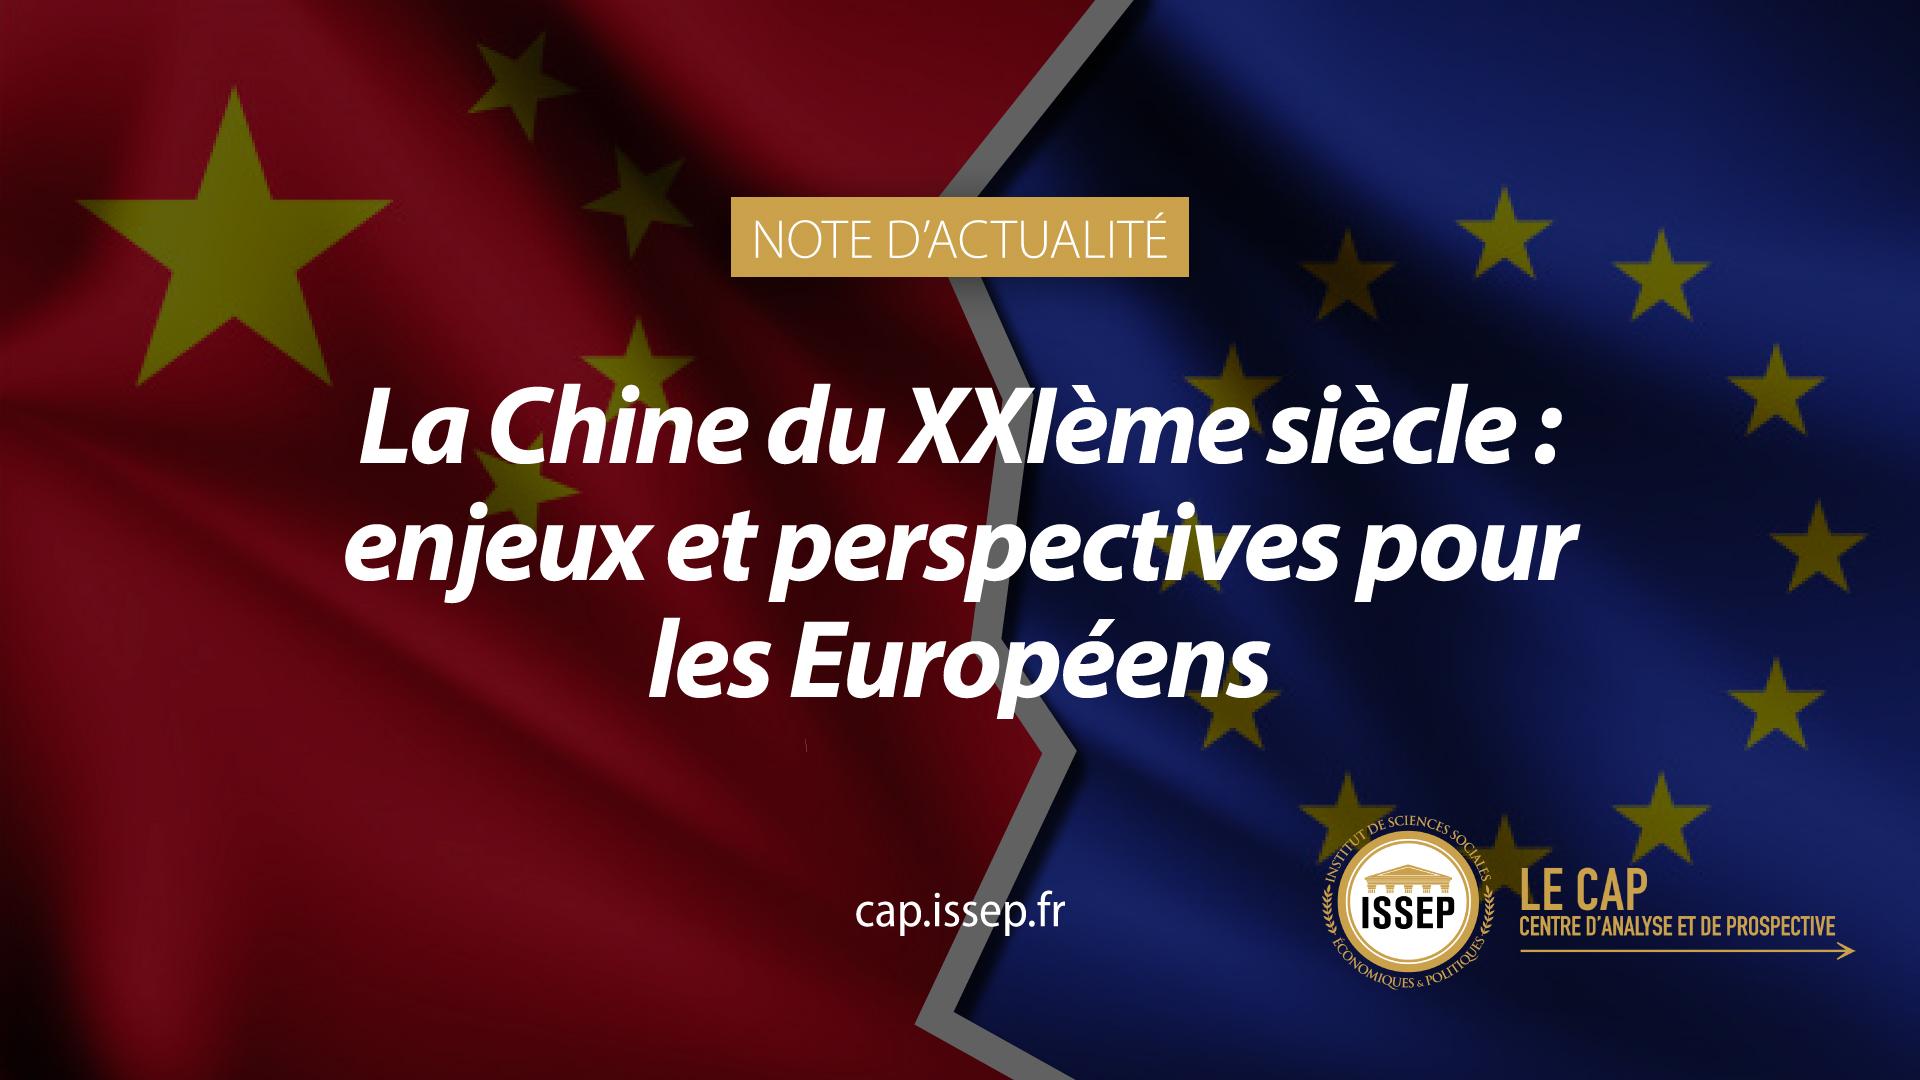 Note d'actualité du CAP de l'ISSEP - Relations Chine - Europe